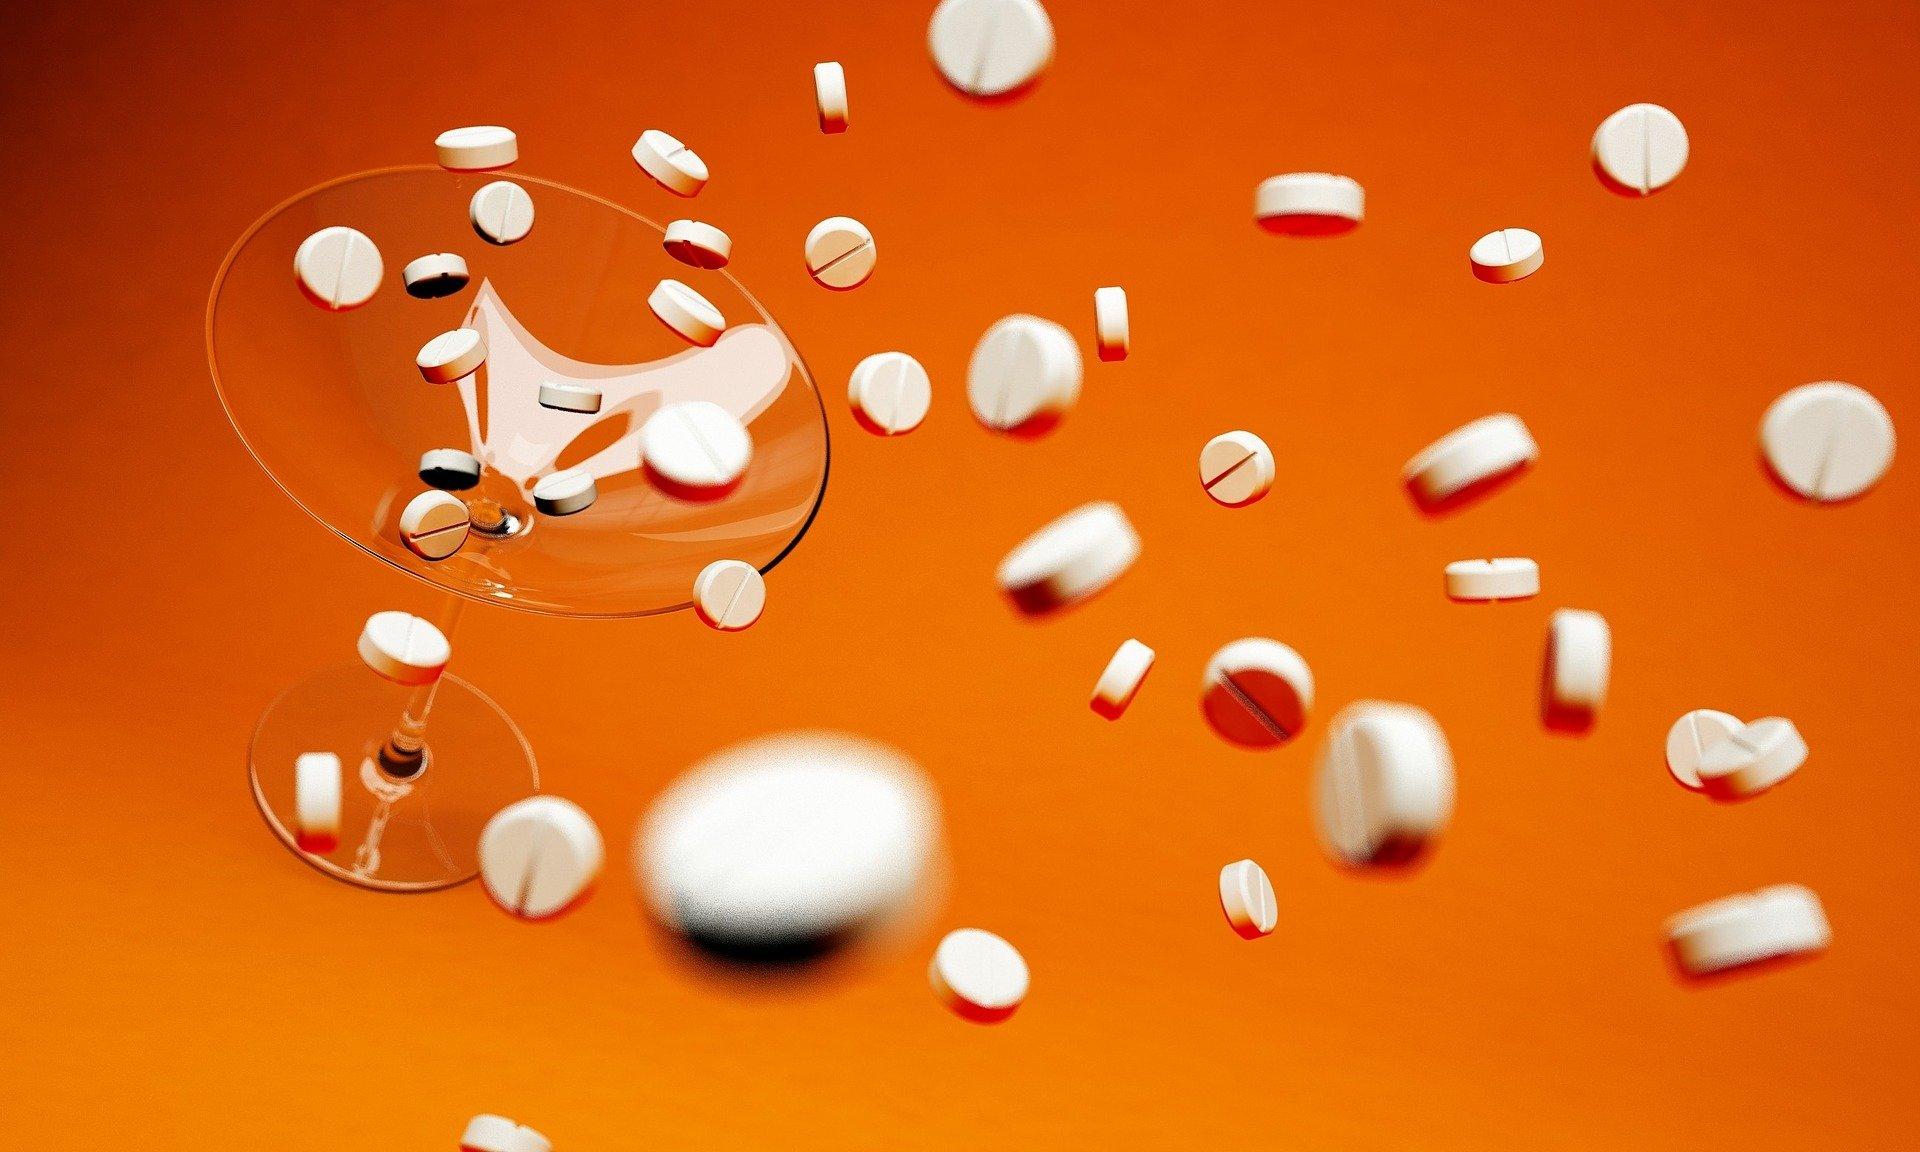 Calciummangel: Sind Nahrungsergänzungsmittel die Antwort?